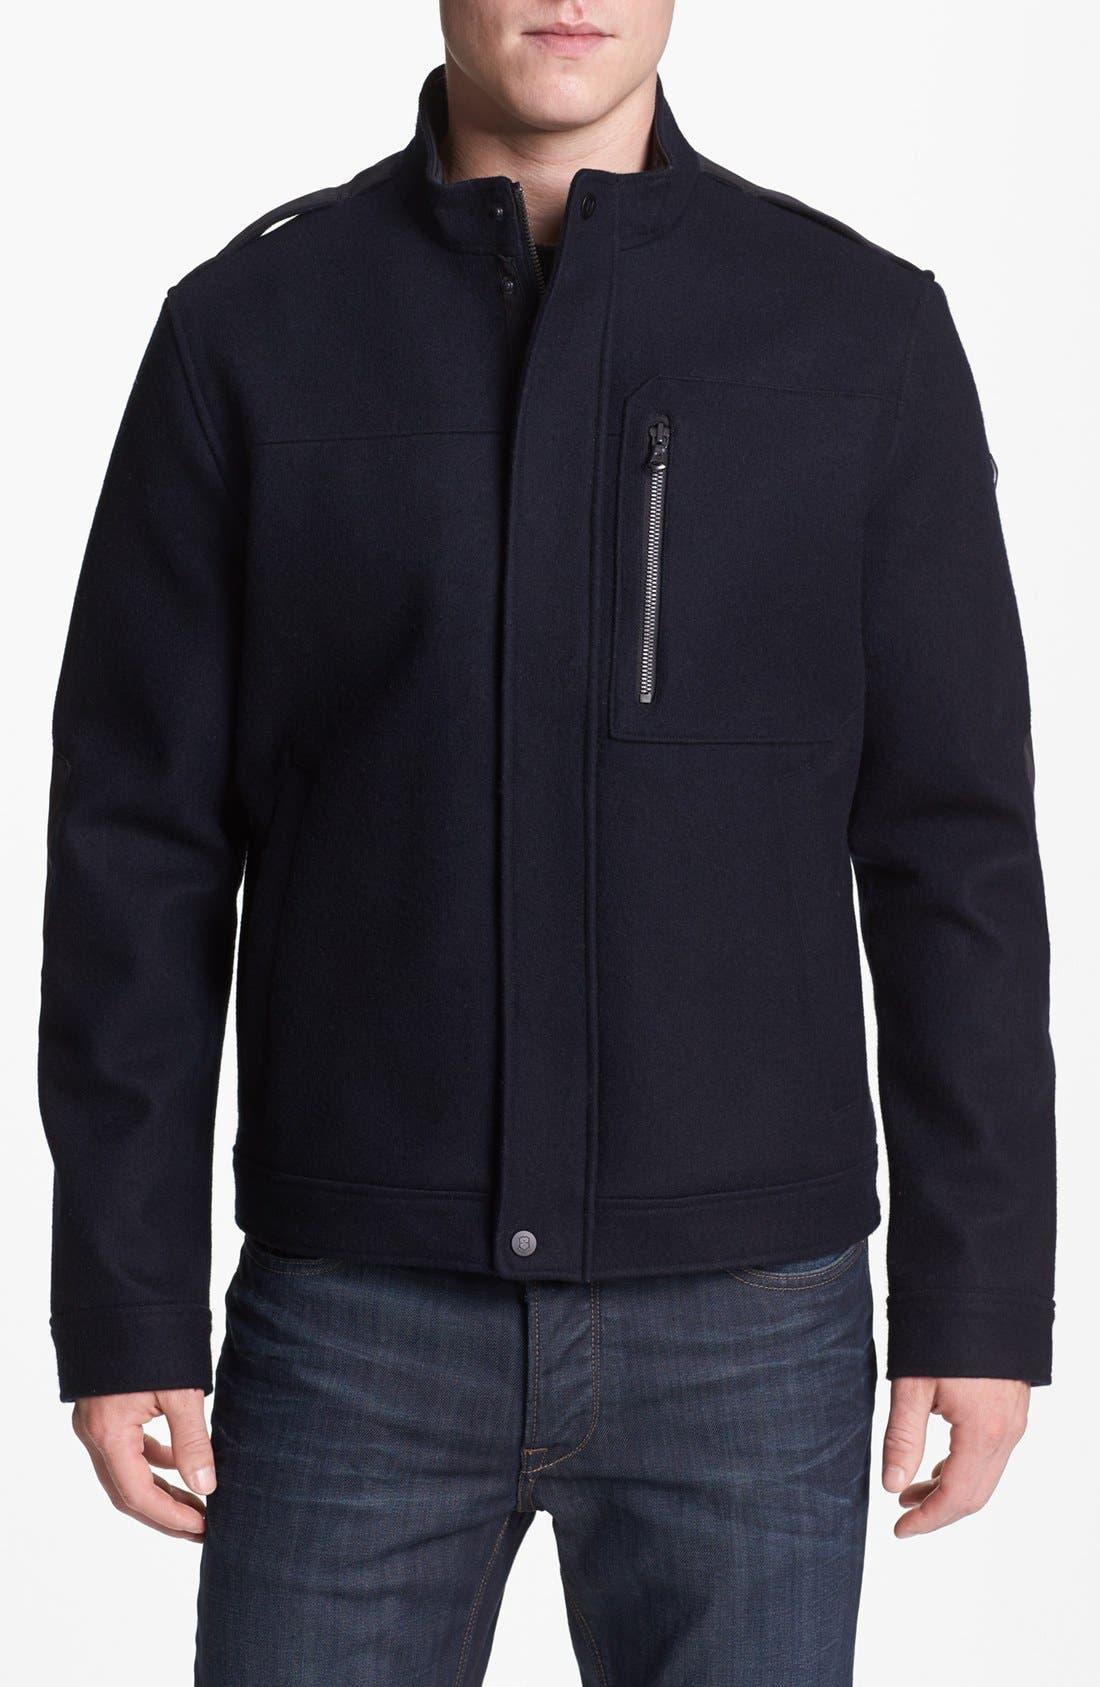 Main Image - Victorinox Swiss Army® 'Lieutenant' Jacket